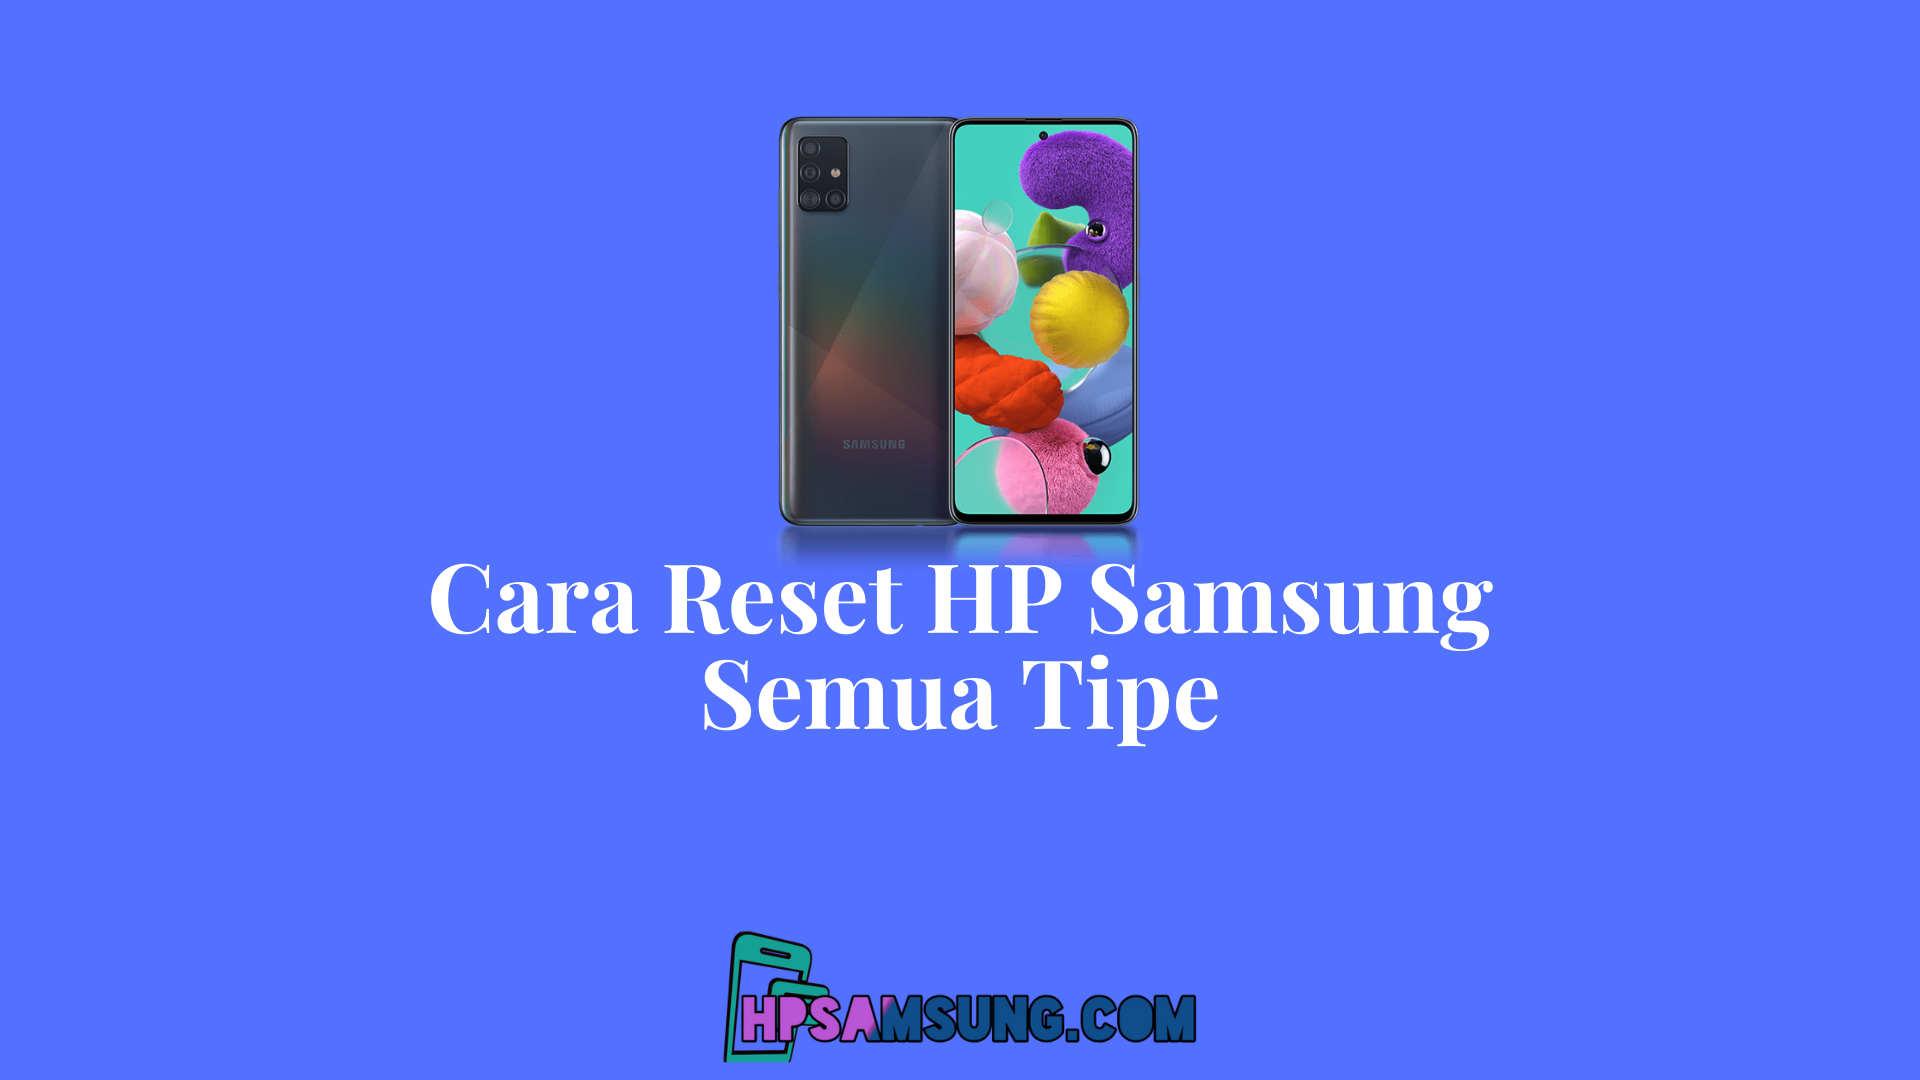 Cara Reset HP Samsung tanpa menghilangkan data